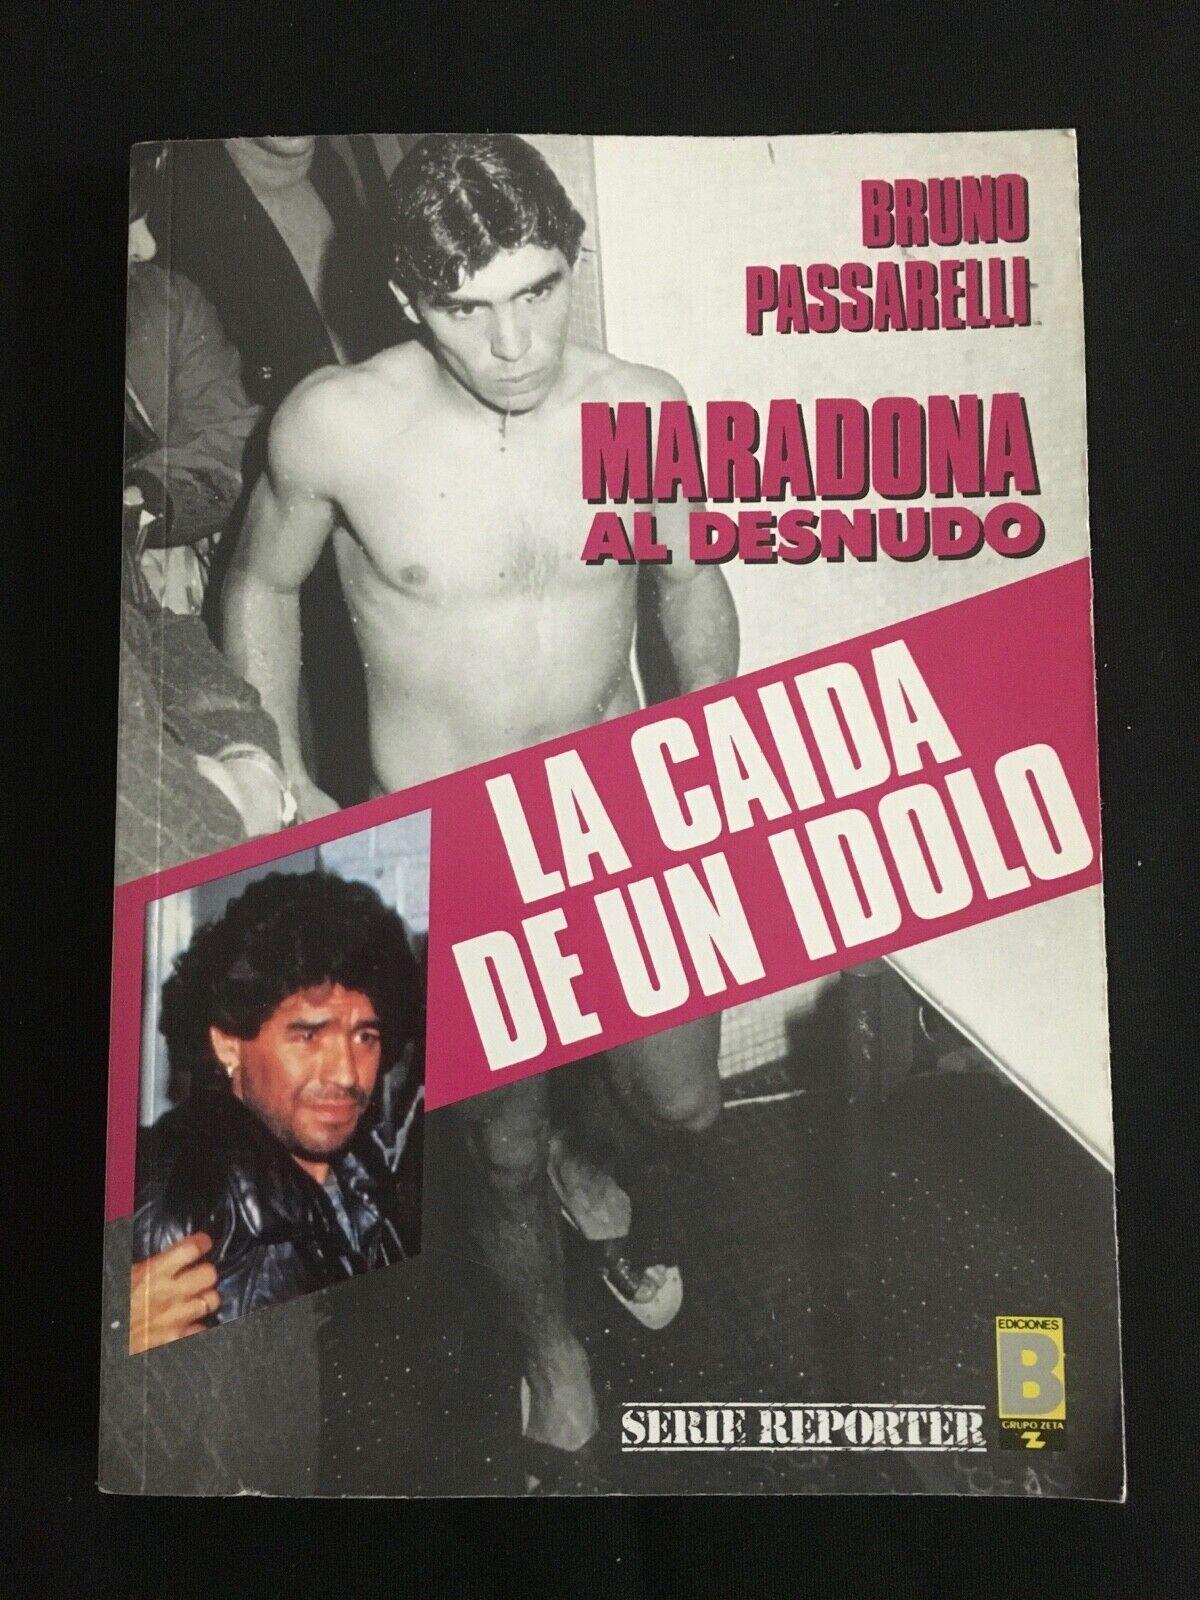 LIBRO MARADONA AL DESNUDO - LA CAIDA DE UN IDOLO - NAPOLI - BRUNO PASSARELLI